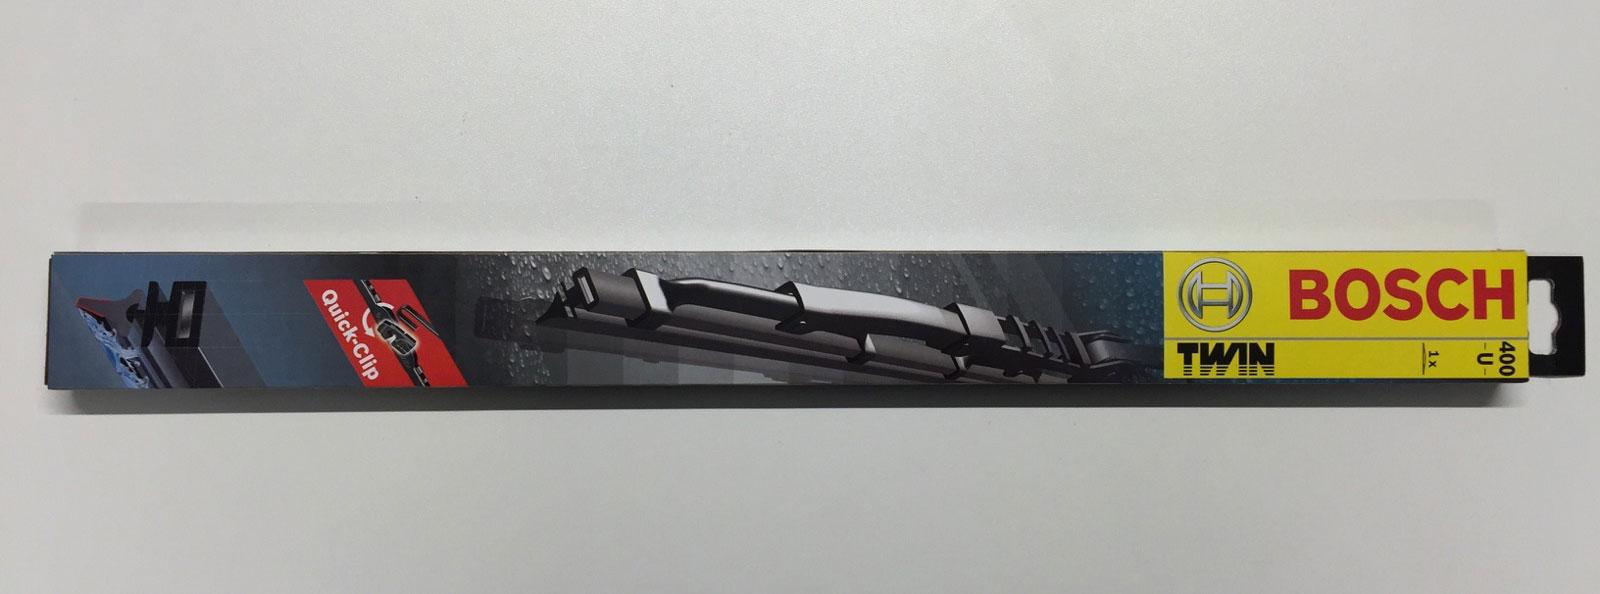 Scheibenwischer / Wischblatt Bosch TWIN 400U Single Bild 1